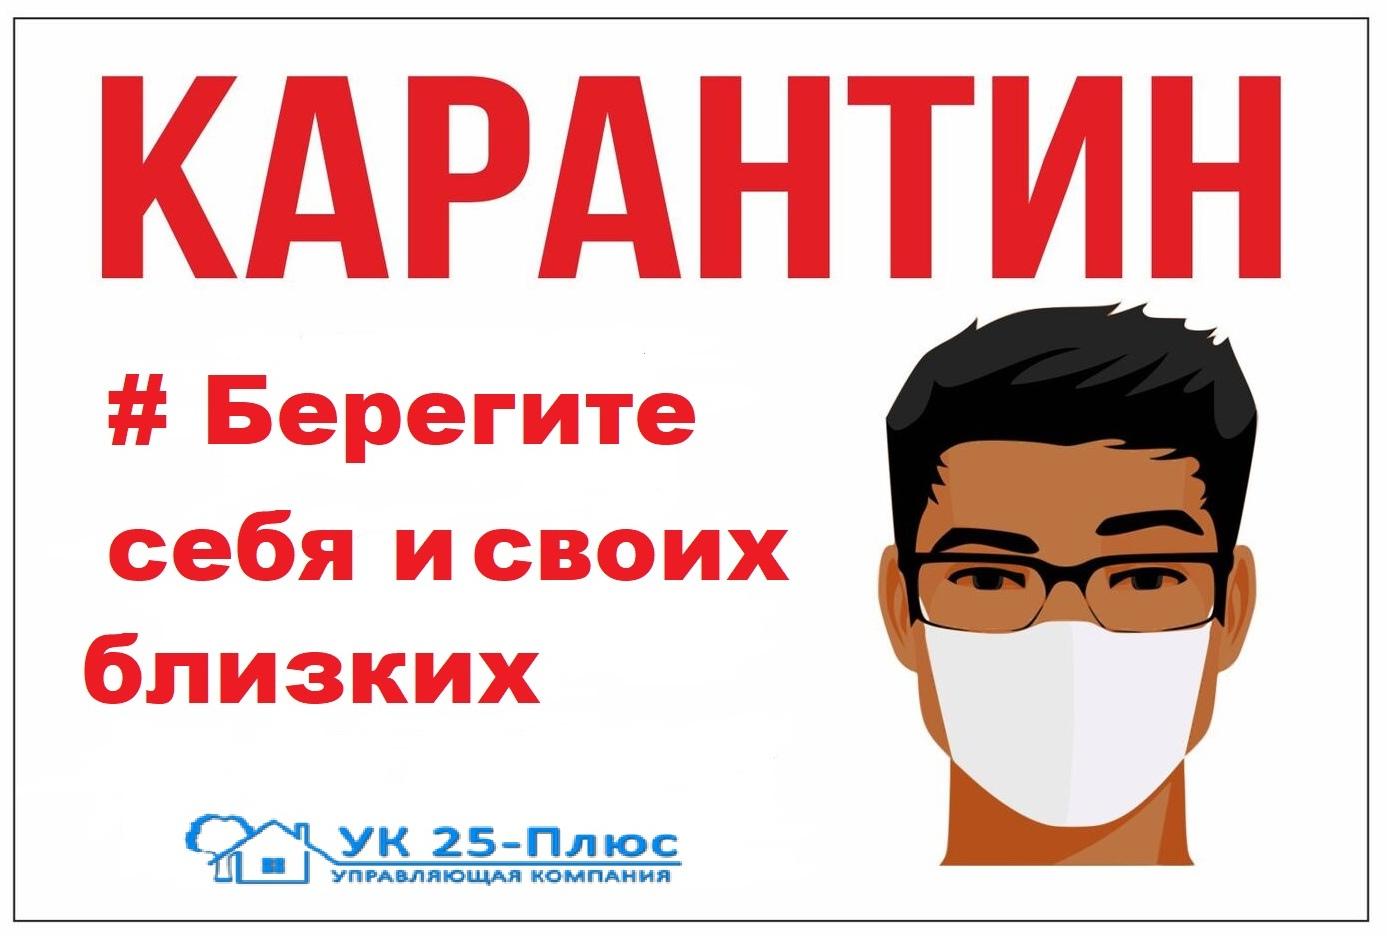 ВНИМАНИЕ!!! Важная информация!!! Свободный доступ населения